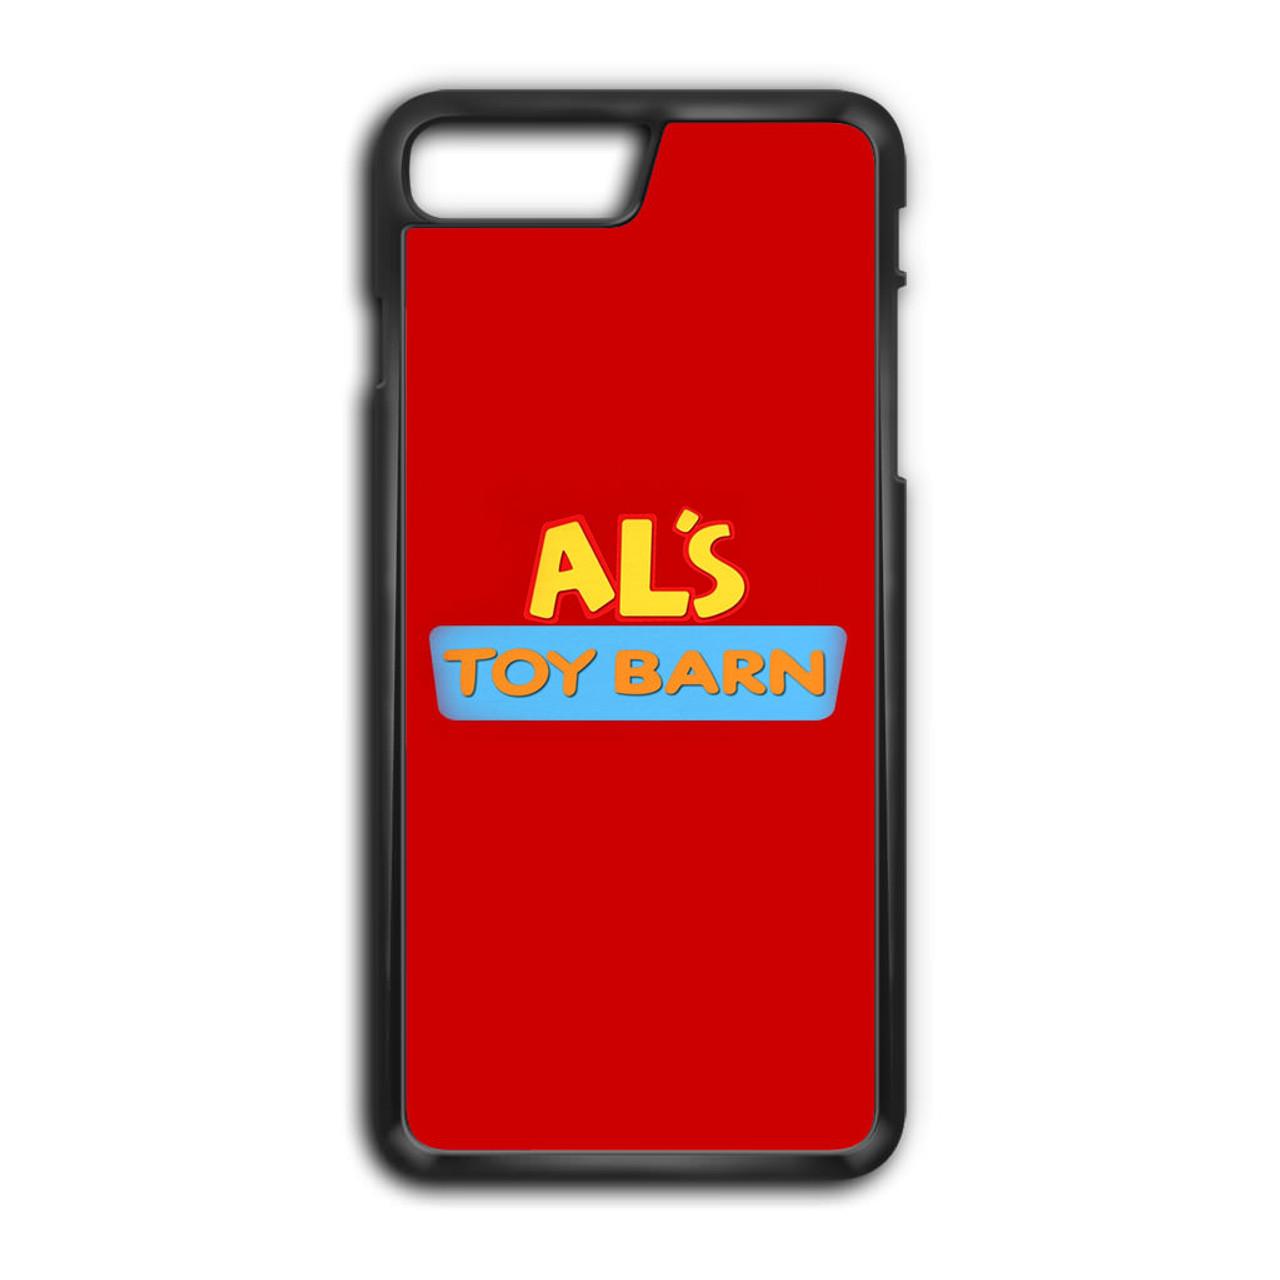 b0c8e736364 Al s Toy Barn iPhone 8 Plus Case - CASESHUNTER